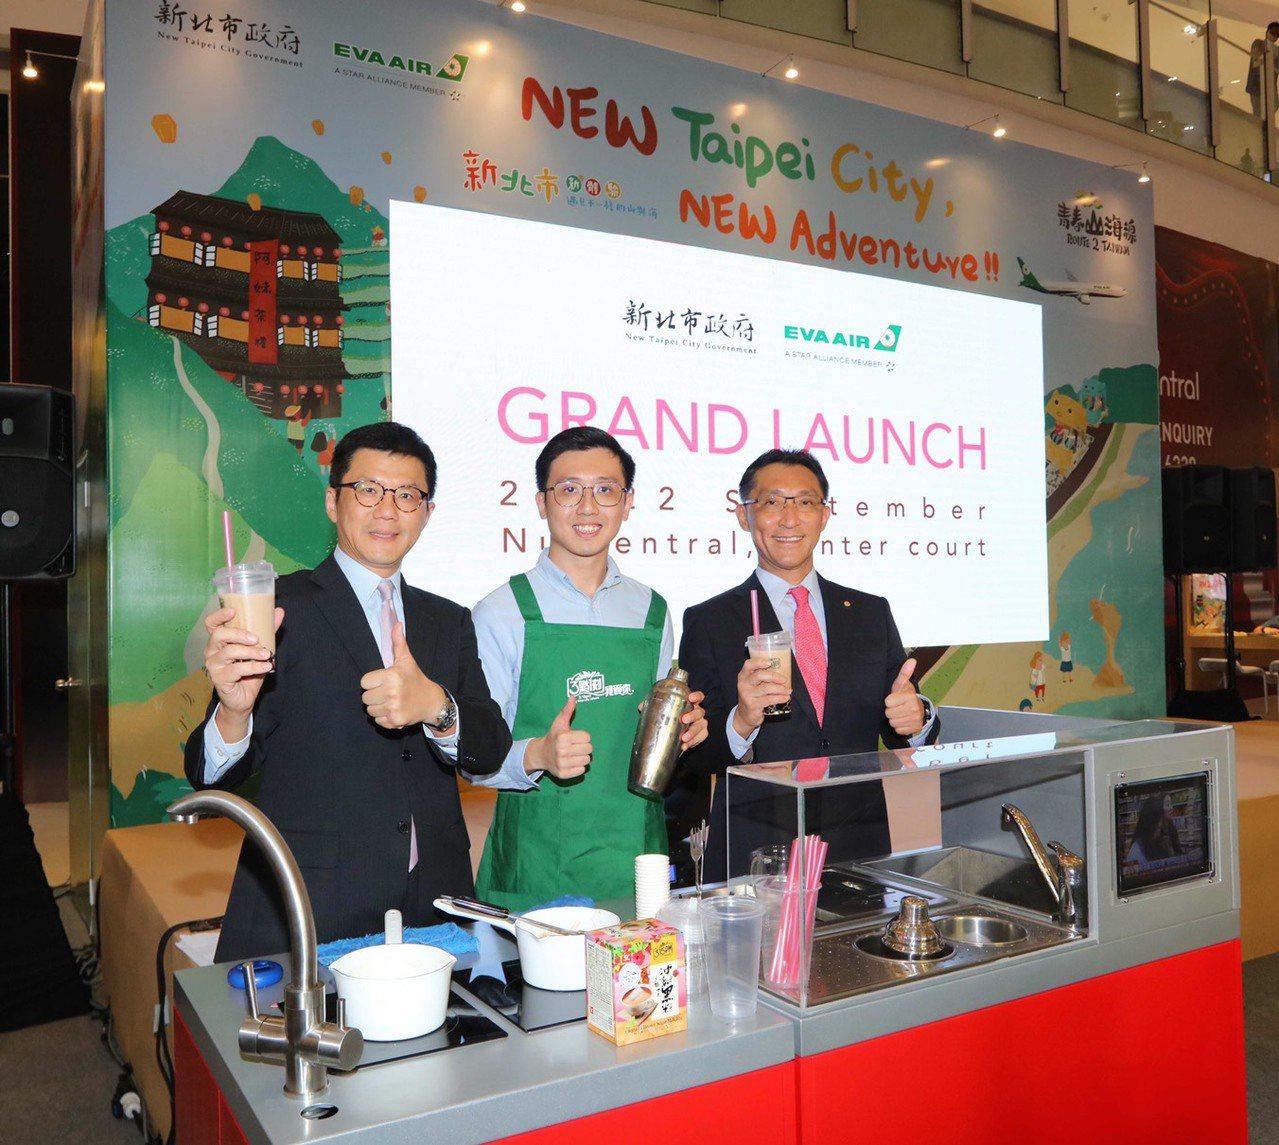 新北觀旅局長張其強(左)與長榮航空協理潘信修(右),特調珍珠奶茶給現場民眾品嘗。...